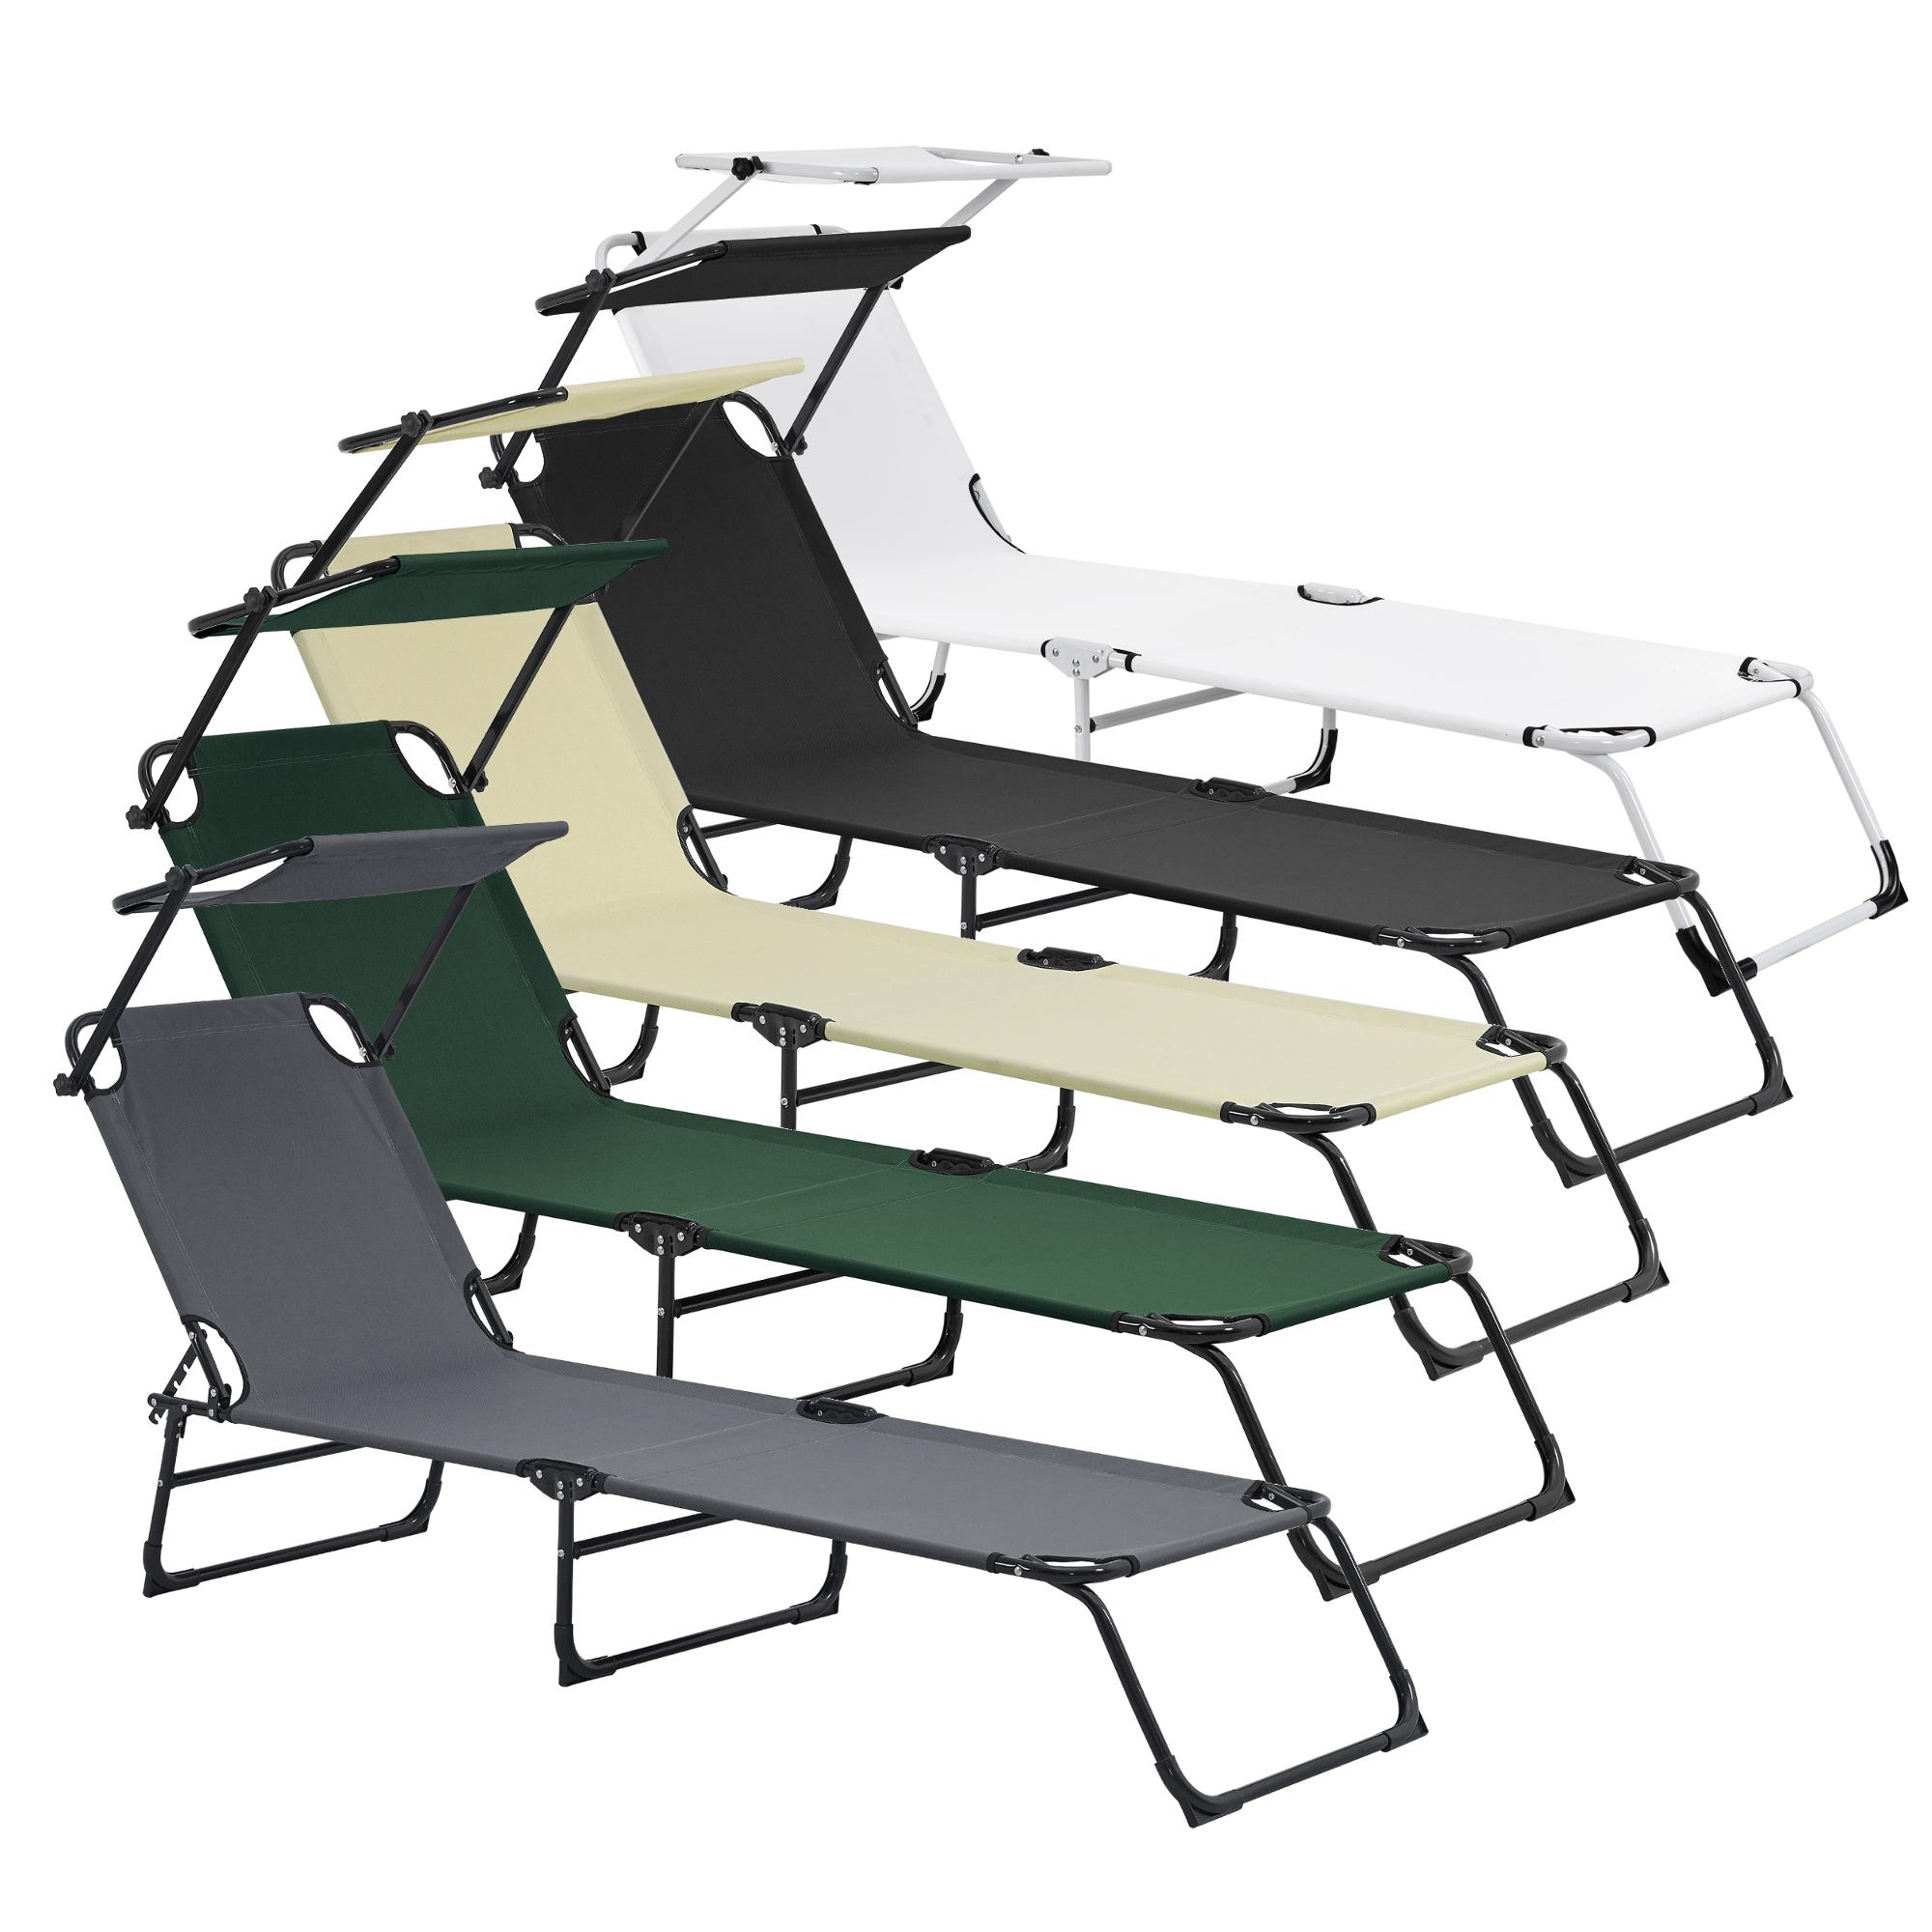 sonnenliege 190cm mit sonnendach gartenliege strandliege sunlounger ebay. Black Bedroom Furniture Sets. Home Design Ideas